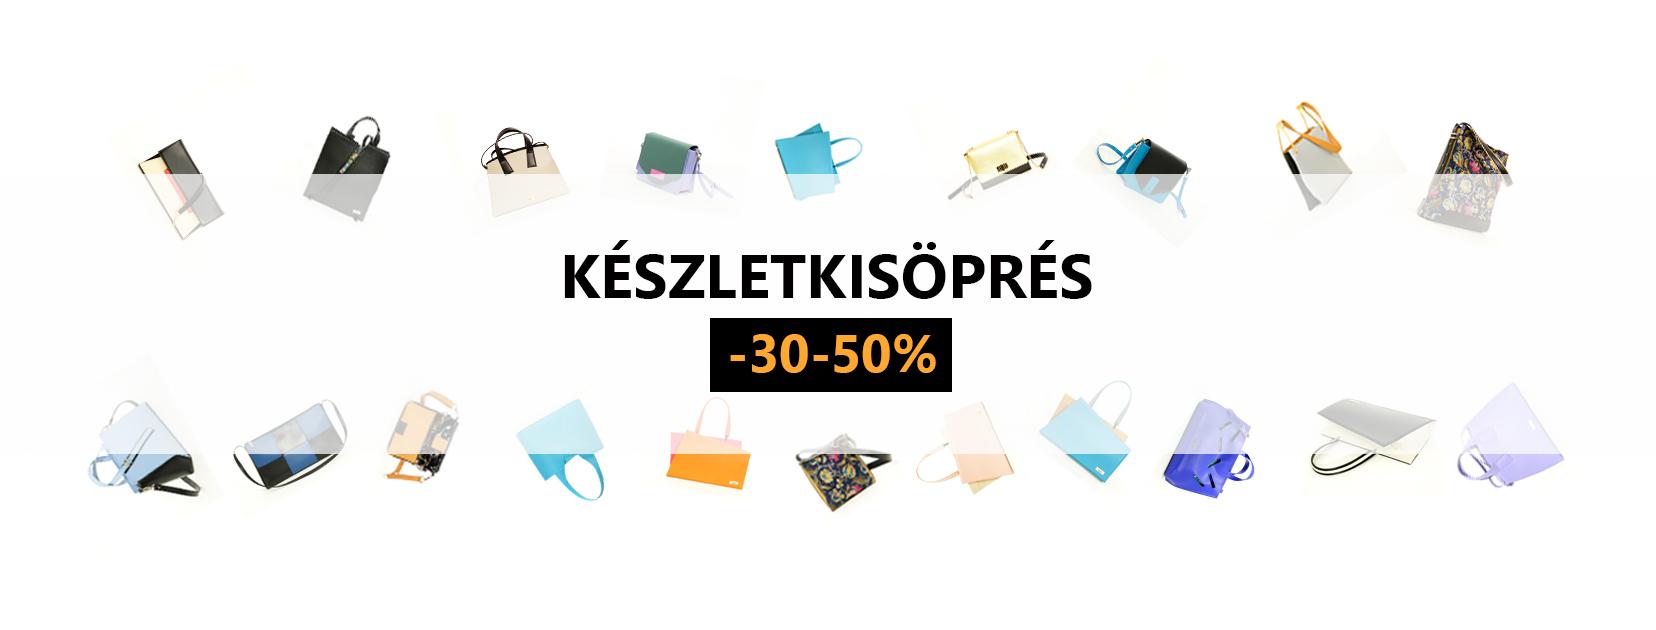 KESZLETKISOPRES